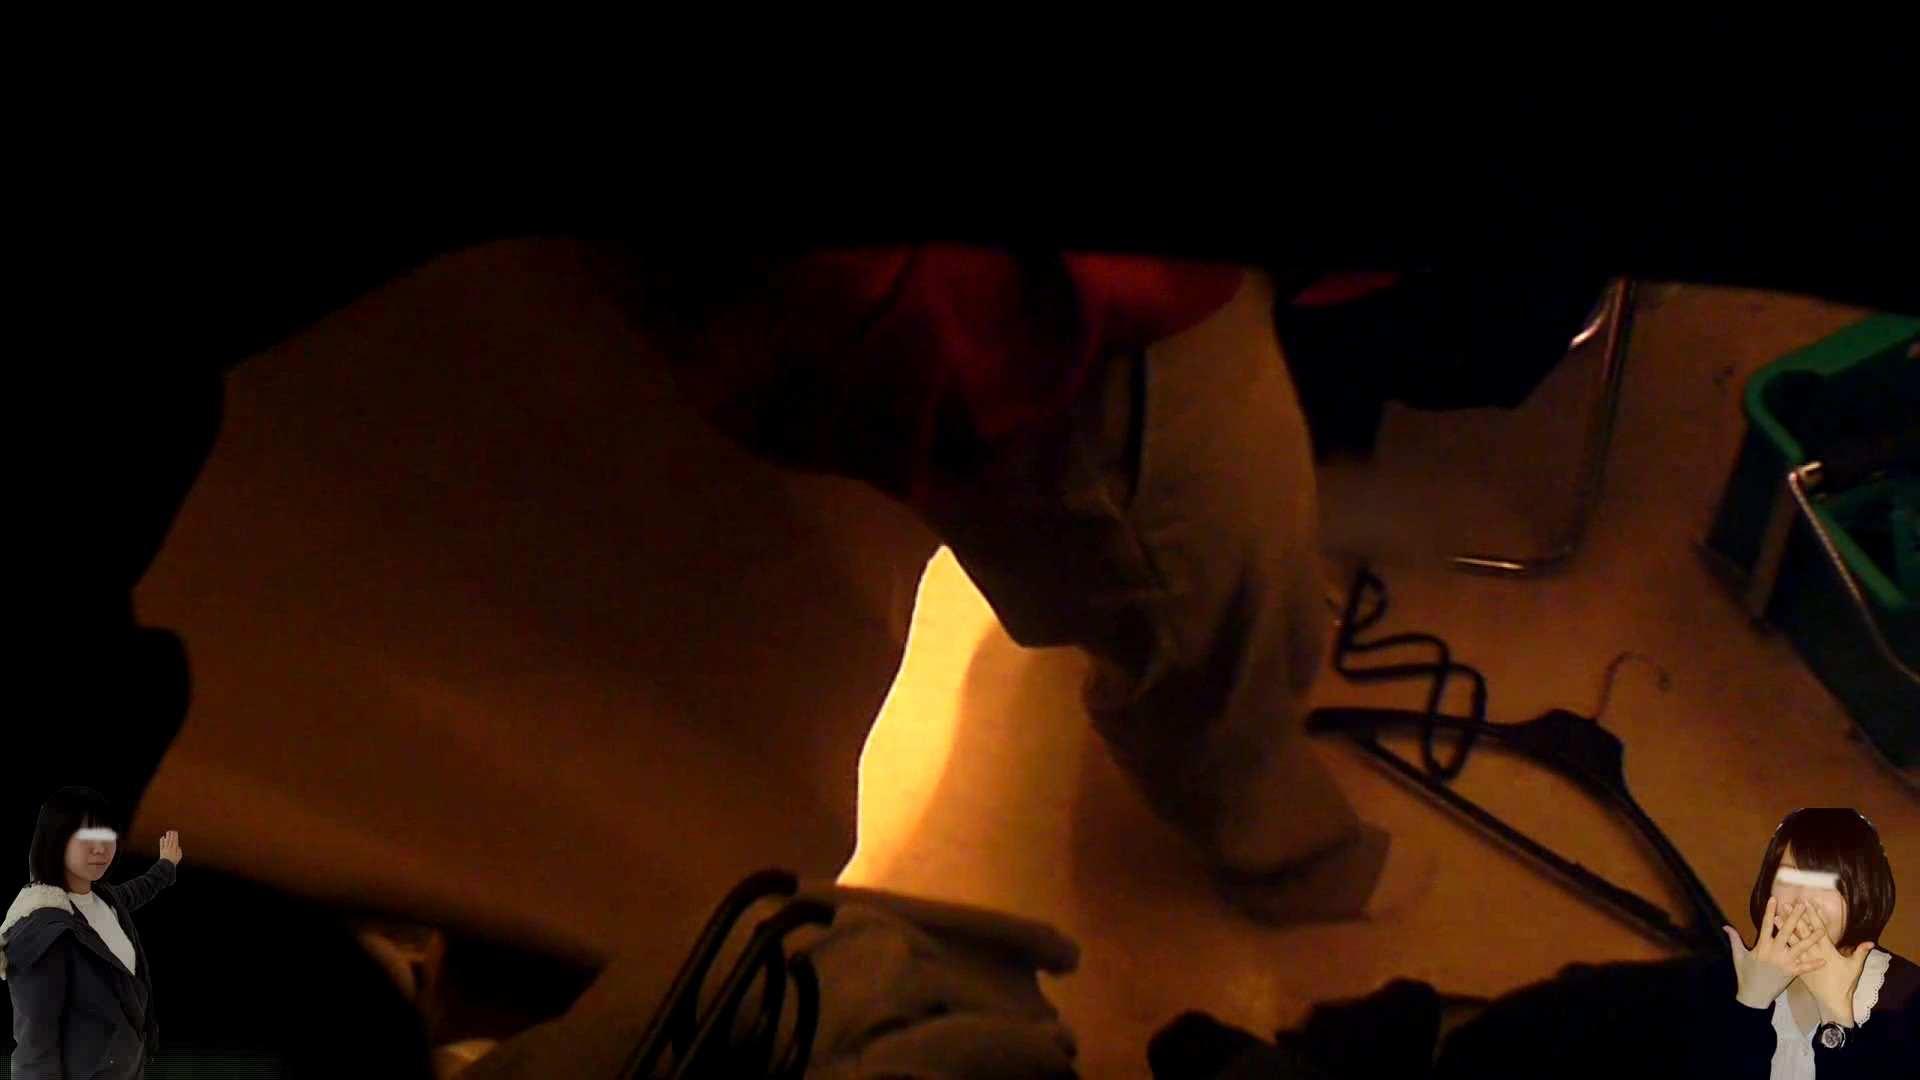 素人投稿 現役「JD」Eちゃんの着替え Vol.05 投稿   素人エロ投稿  111画像 73